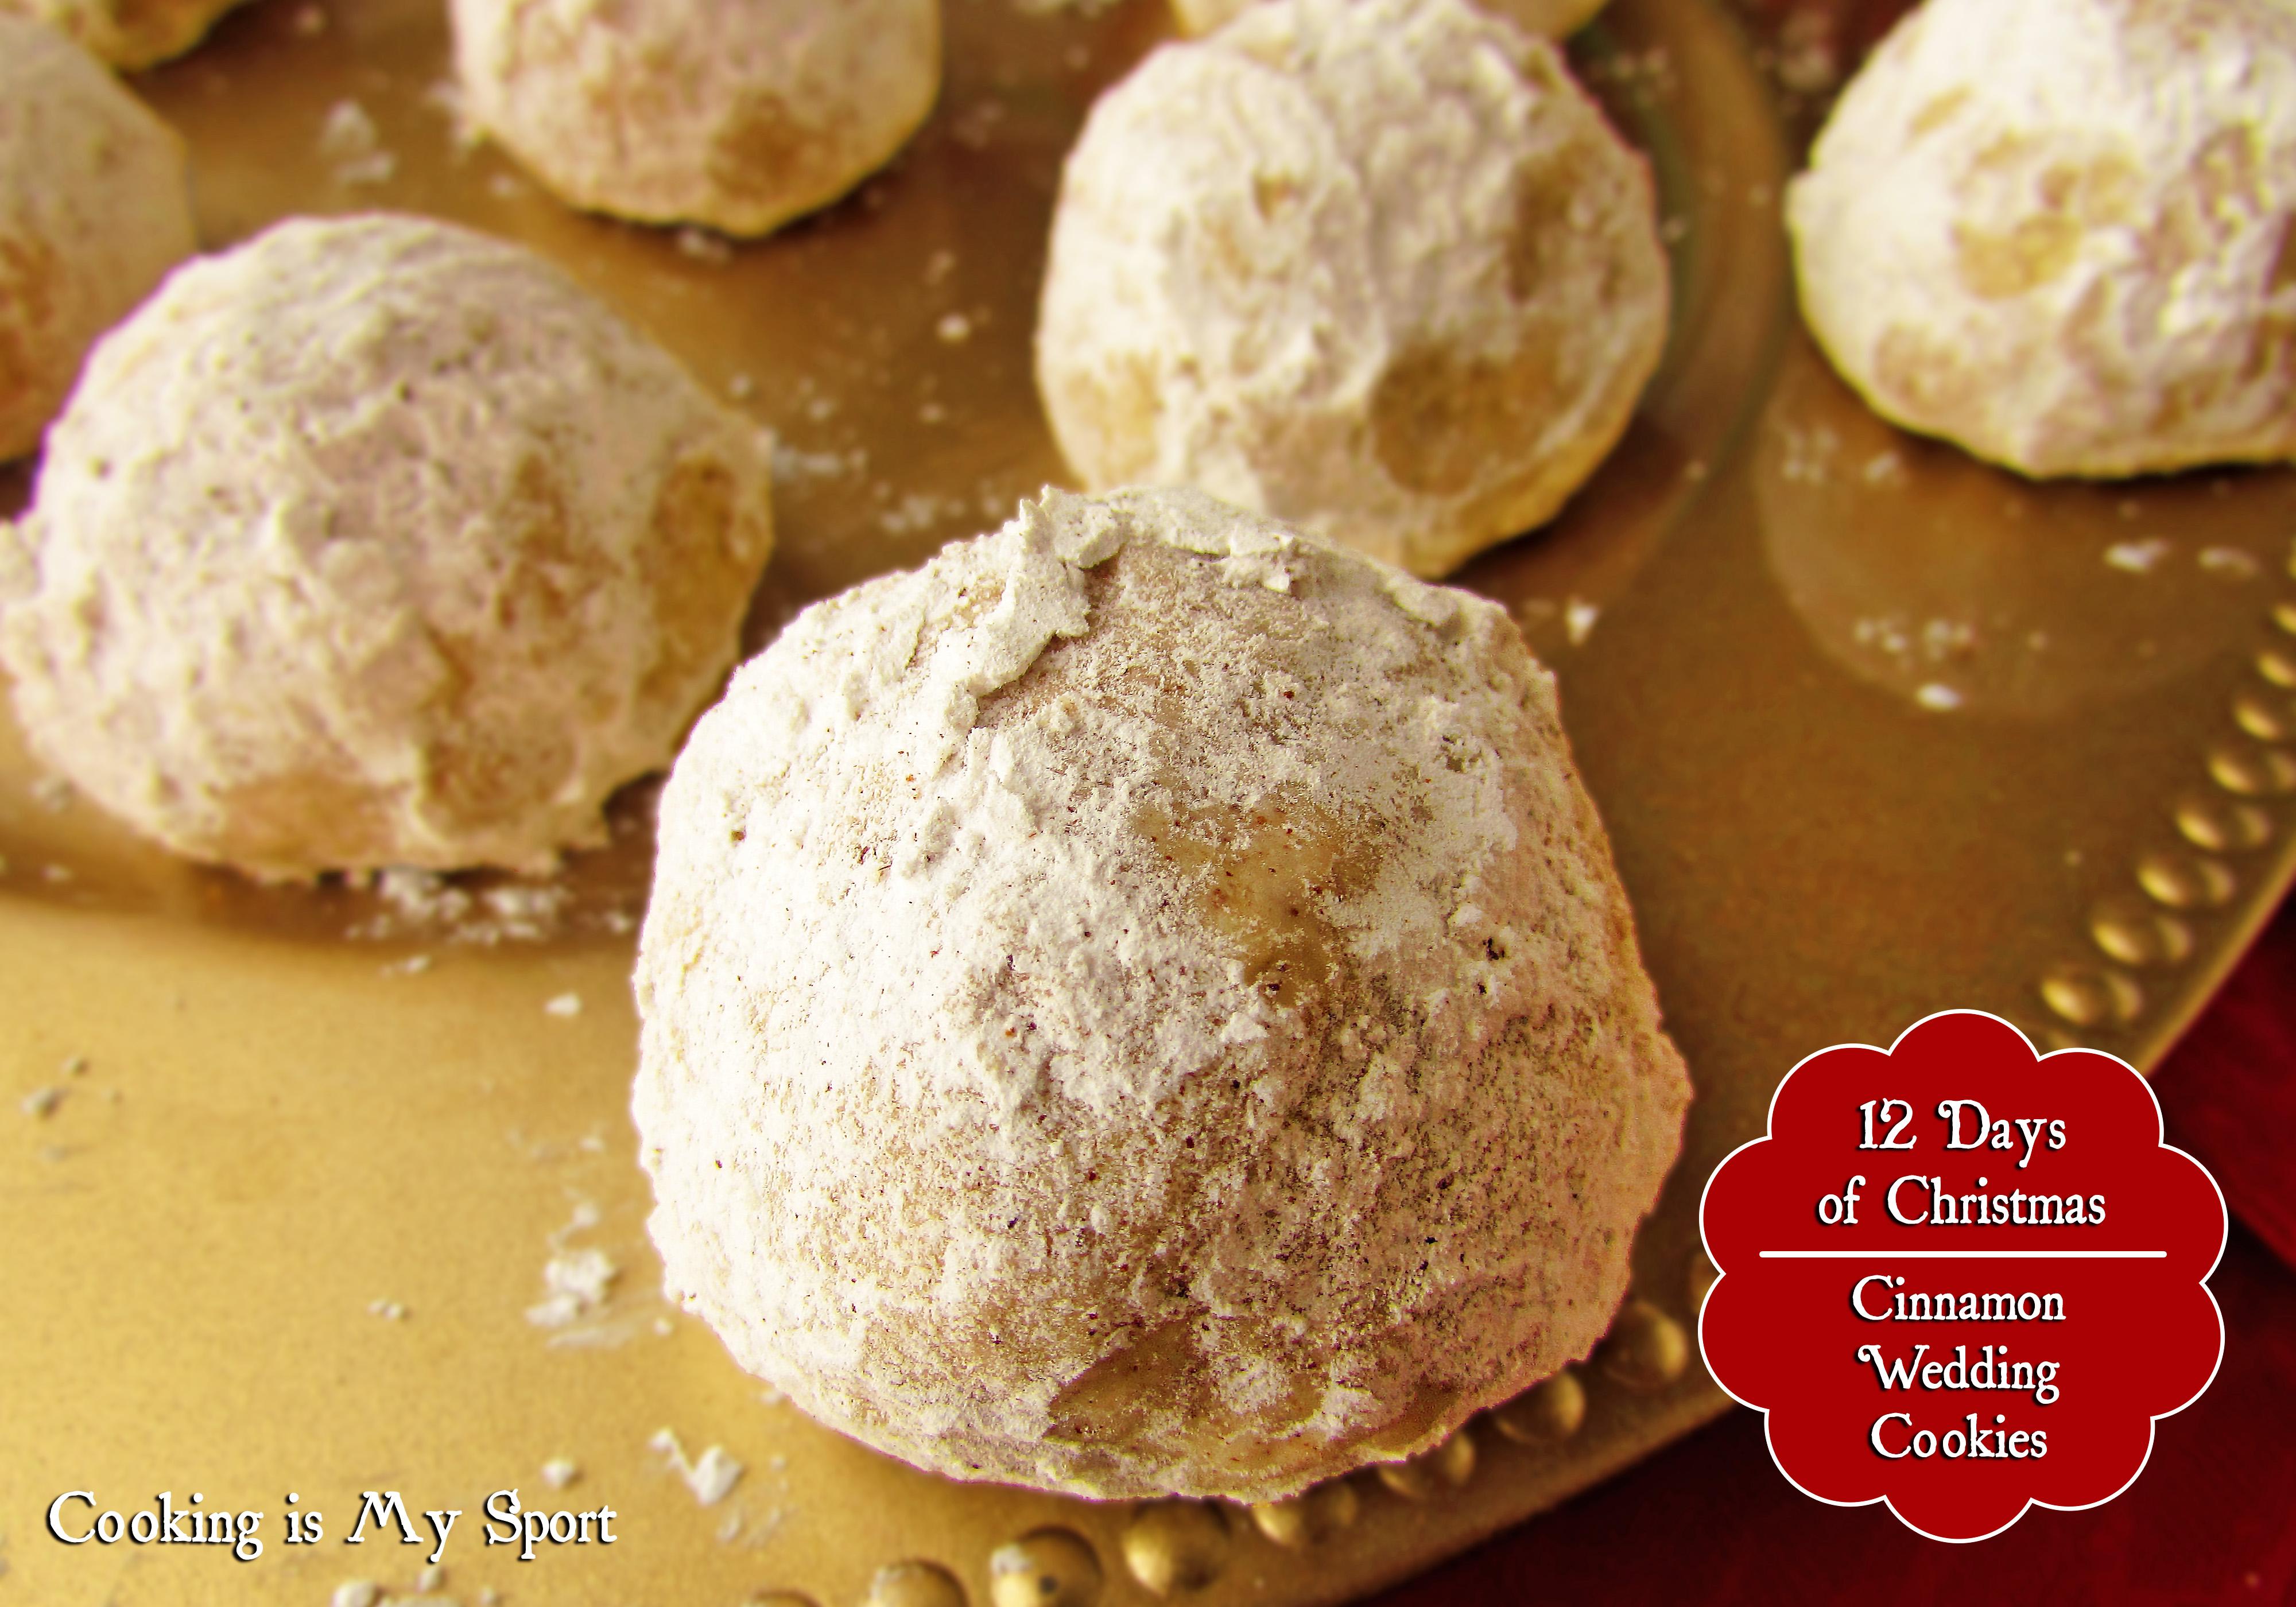 Cinnamon Wedding Cookies Cooking Is My Sport